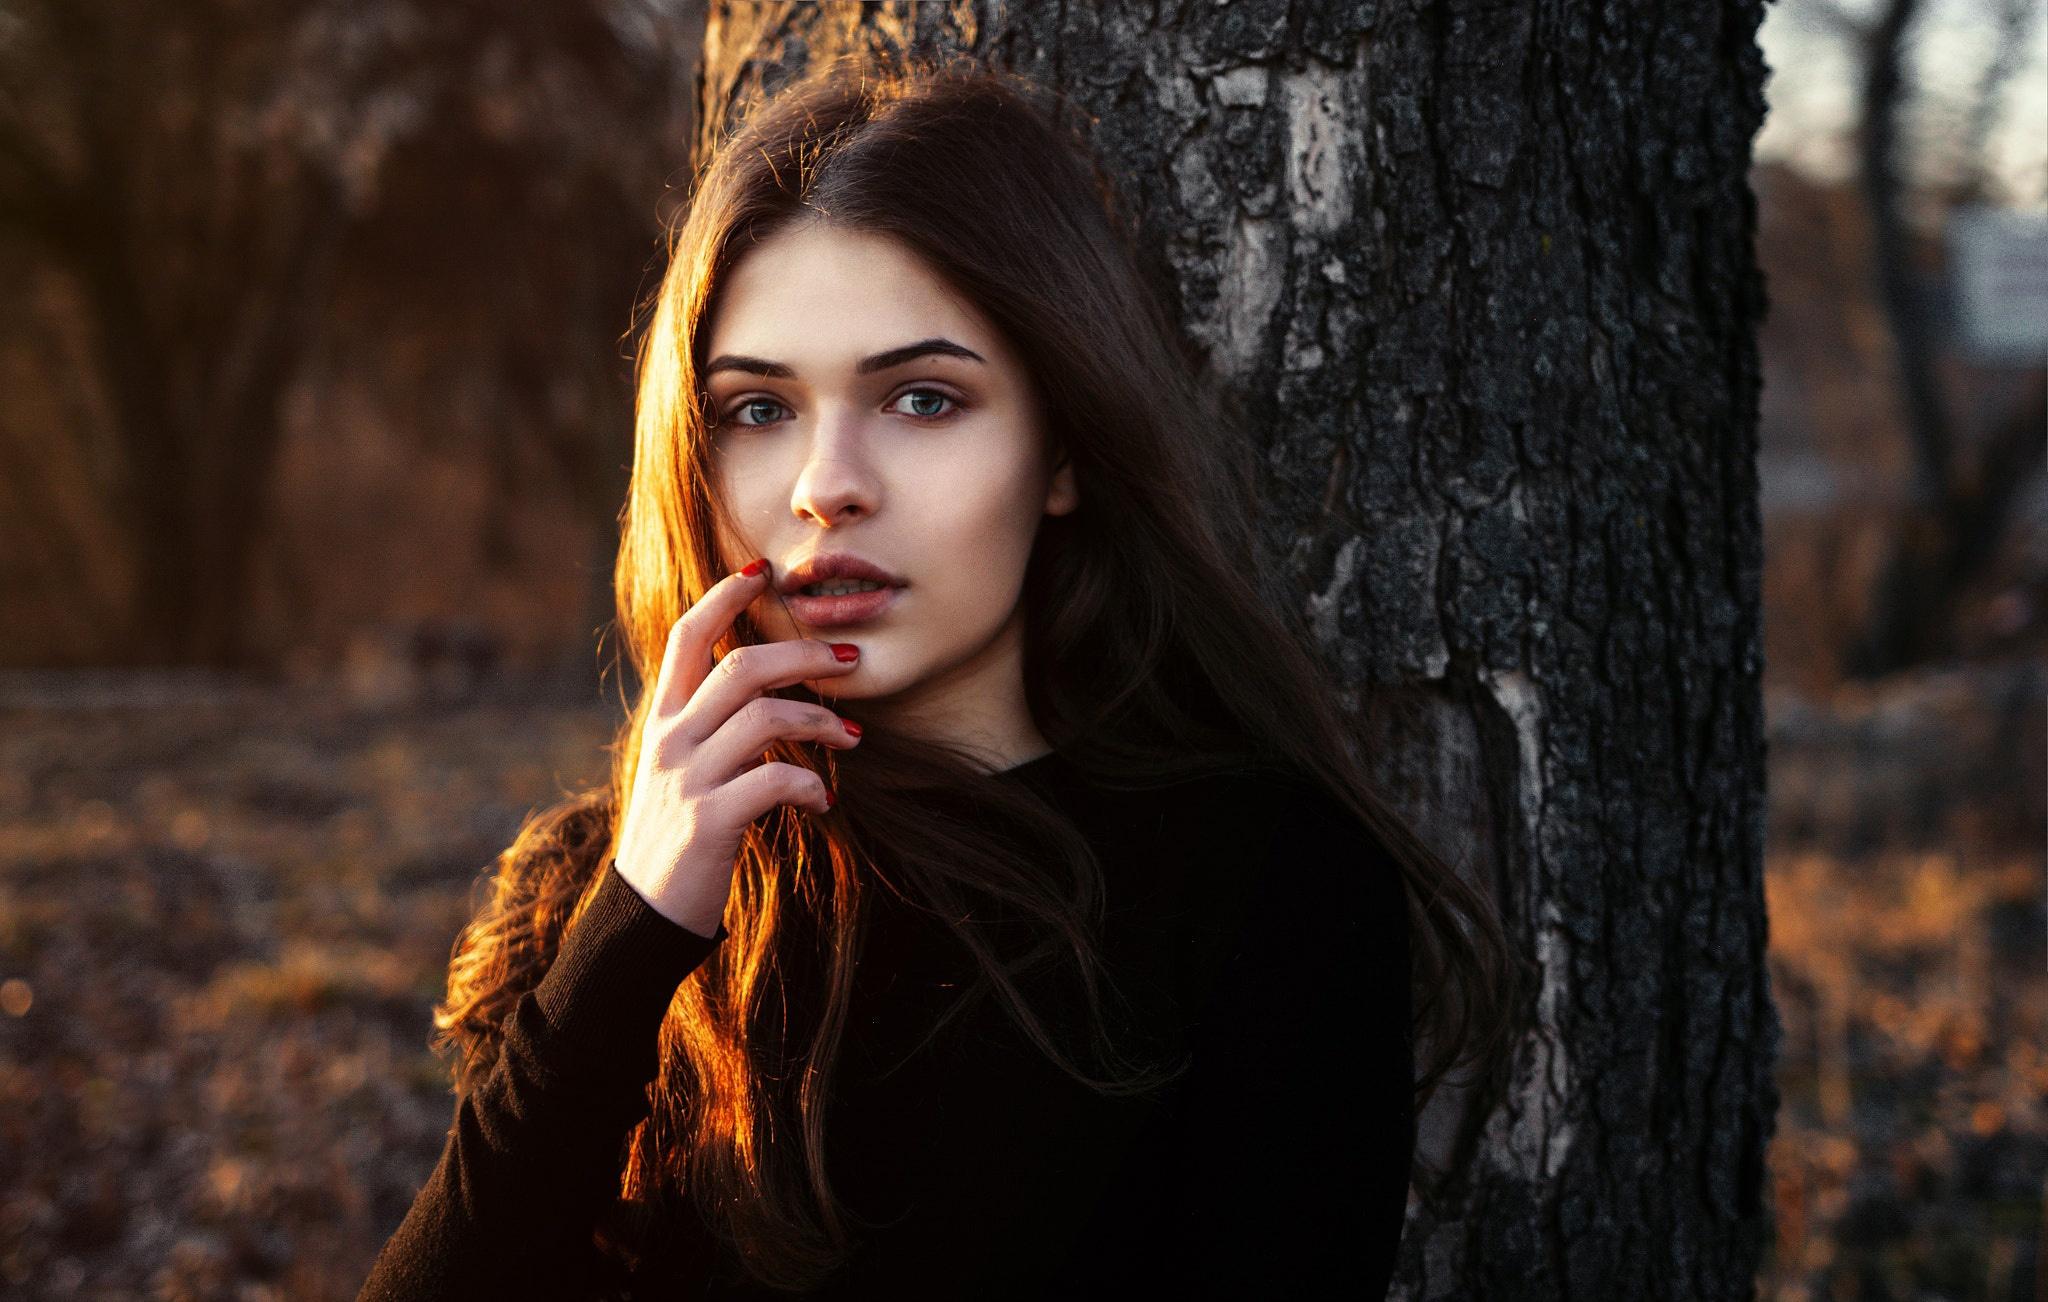 девушка взгляд лицо осень бесплатно